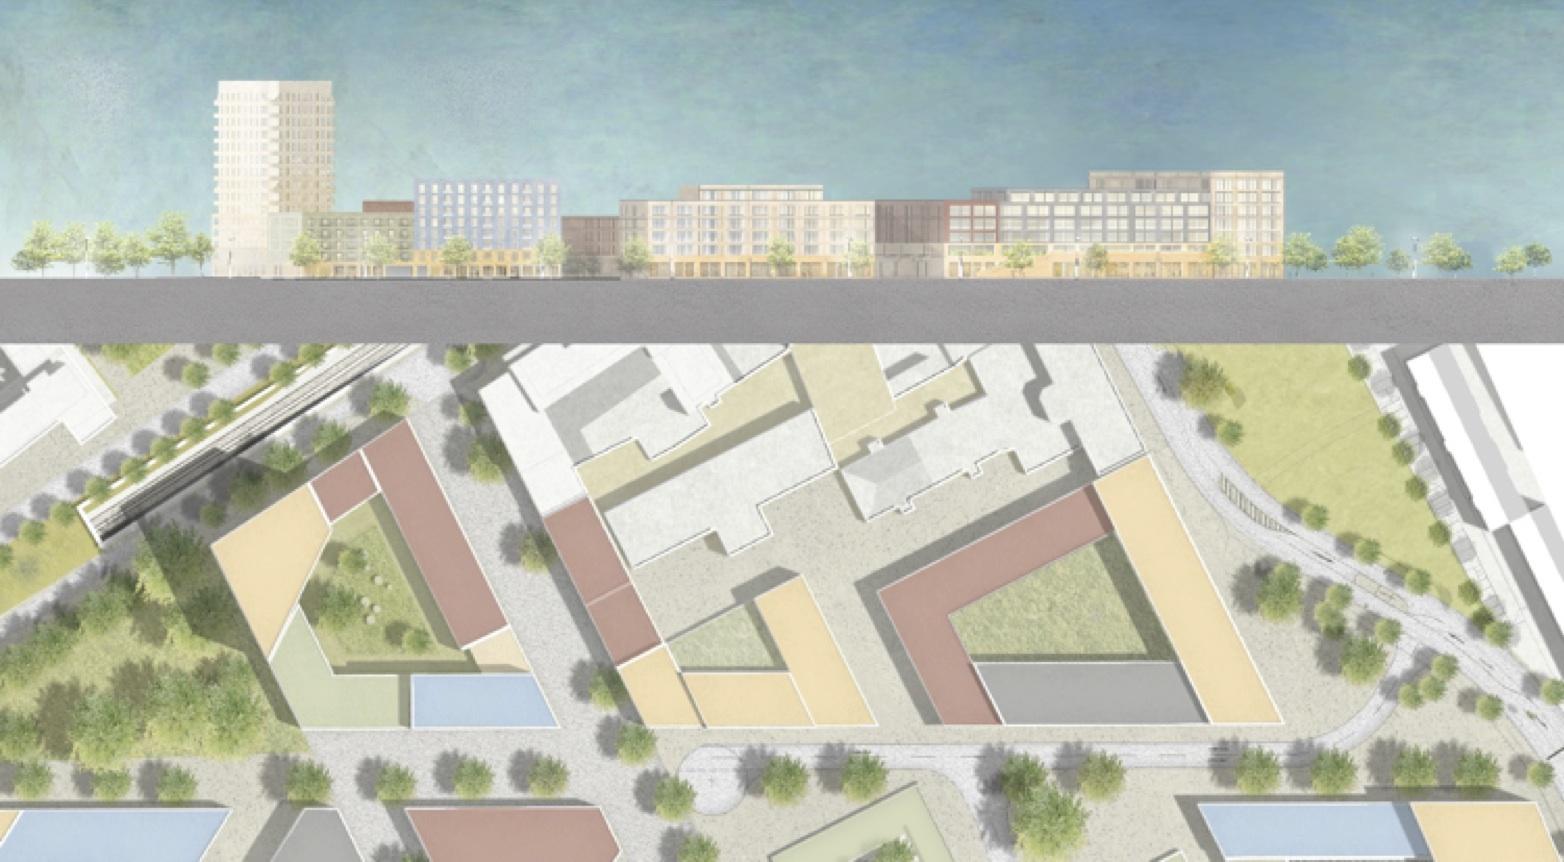 """""""Wir kümmern uns nicht um die Baulücke, mit dem gerne junge Architekten als """"Übung"""" belohnt werden. Sondern wir bauen unsere Stadt. Wir zeichnen große Blöcke und wünschen uns das Innen und Außen. Wir lieben Plätze, Boulevards und Gassen."""